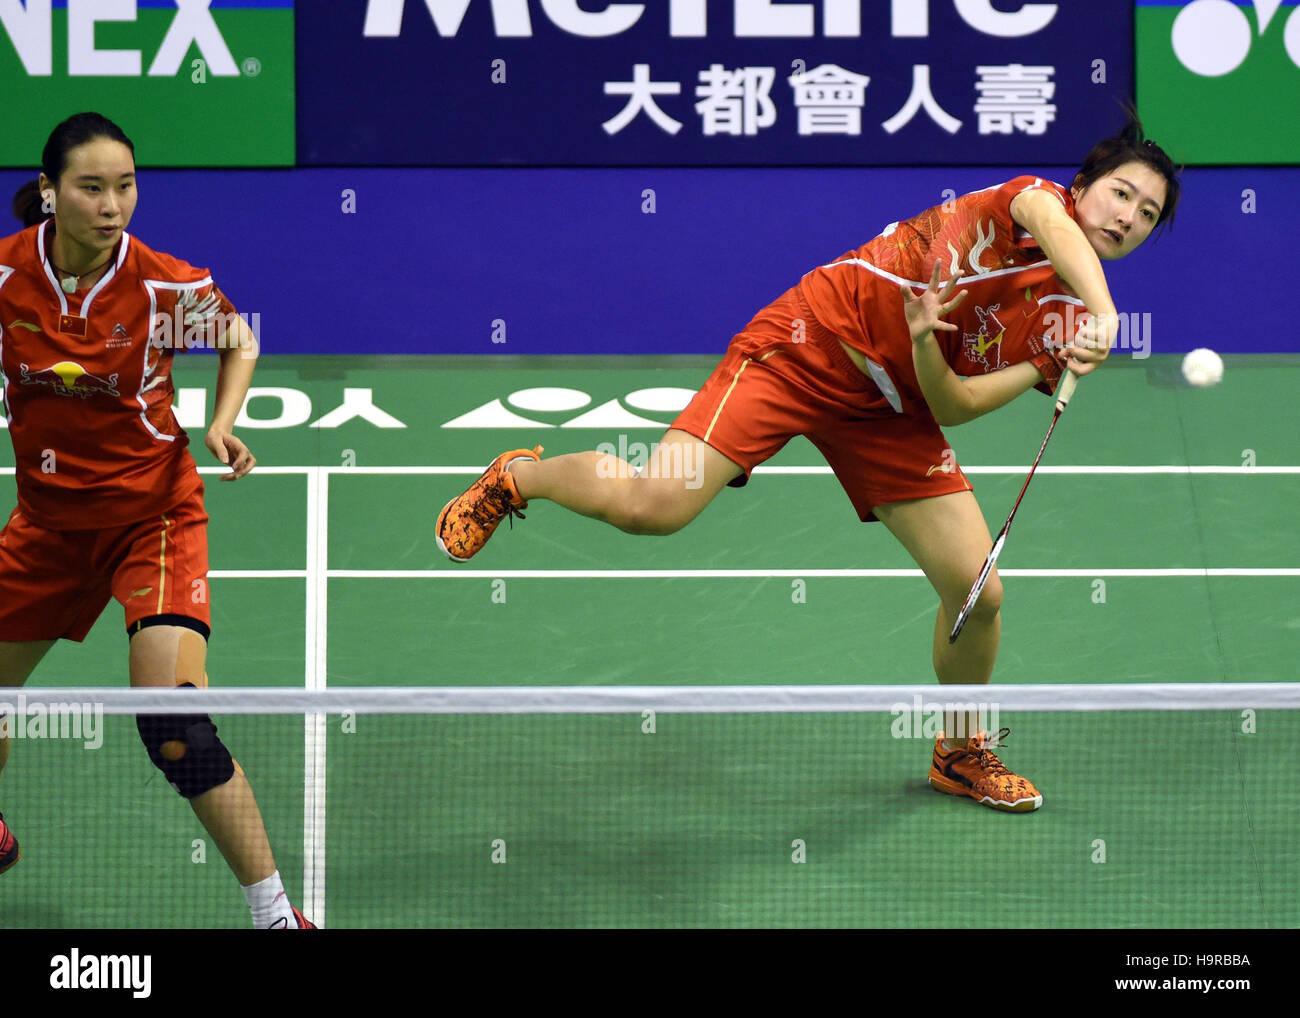 Hong Kong China 25th Nov 2016 Bao Yixin L and Yu Xiaohan of